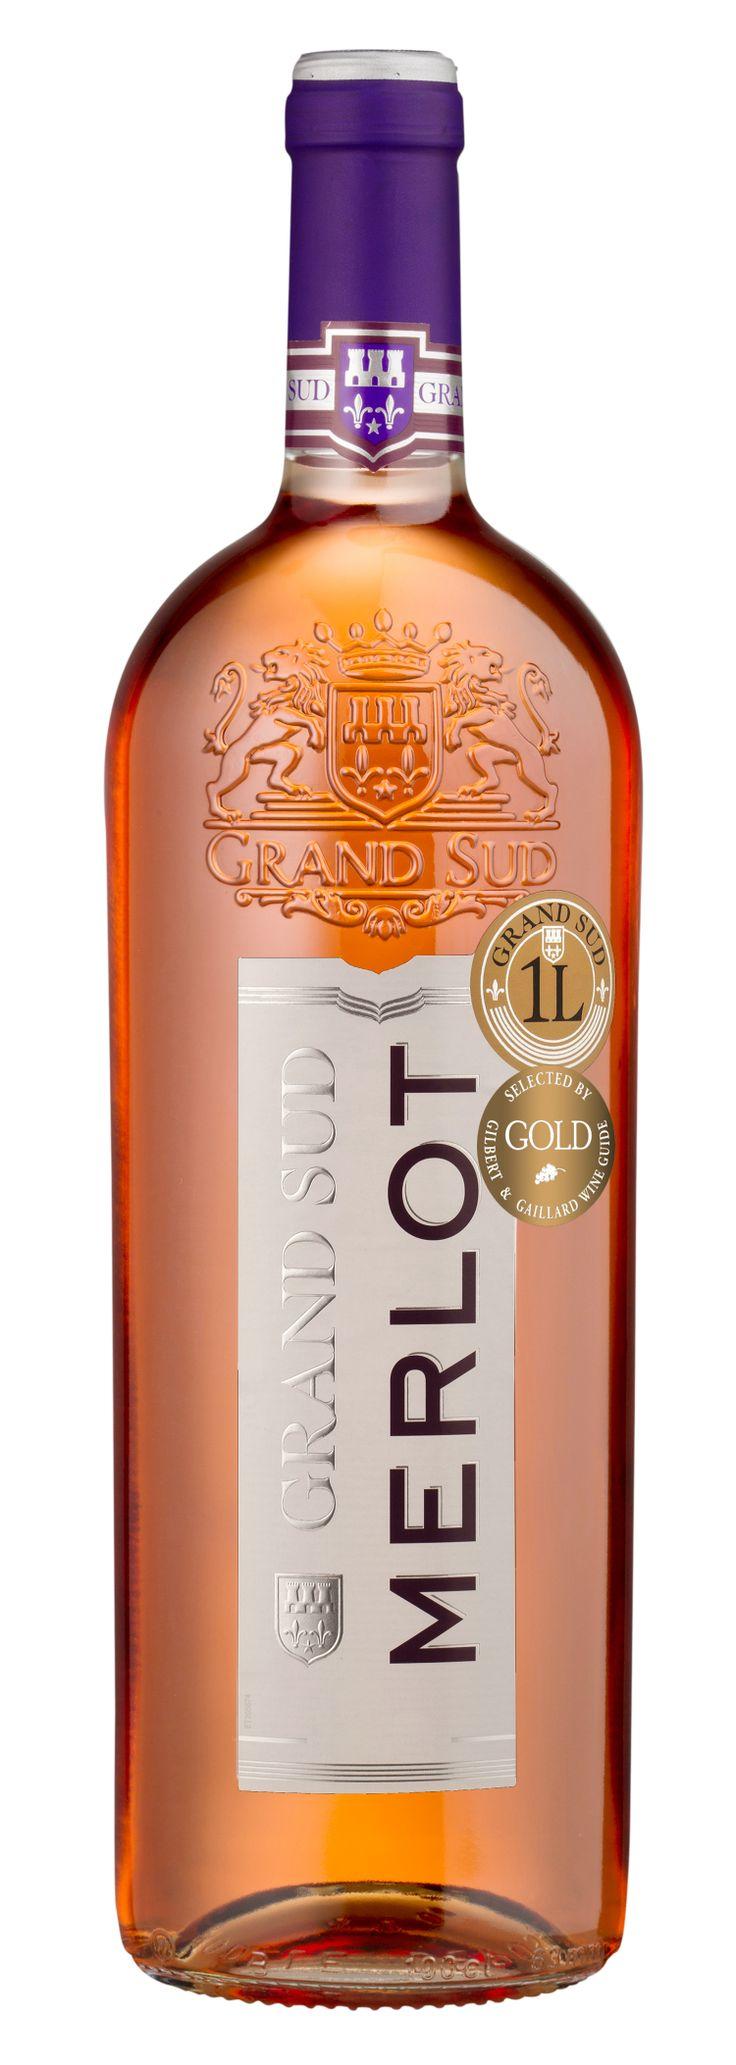 Ce #vin peut être apprécié seul en apéritif ou en accompagnement de salades estivales, grillades ou fromage doux. #Merlot #GrandSud #2012